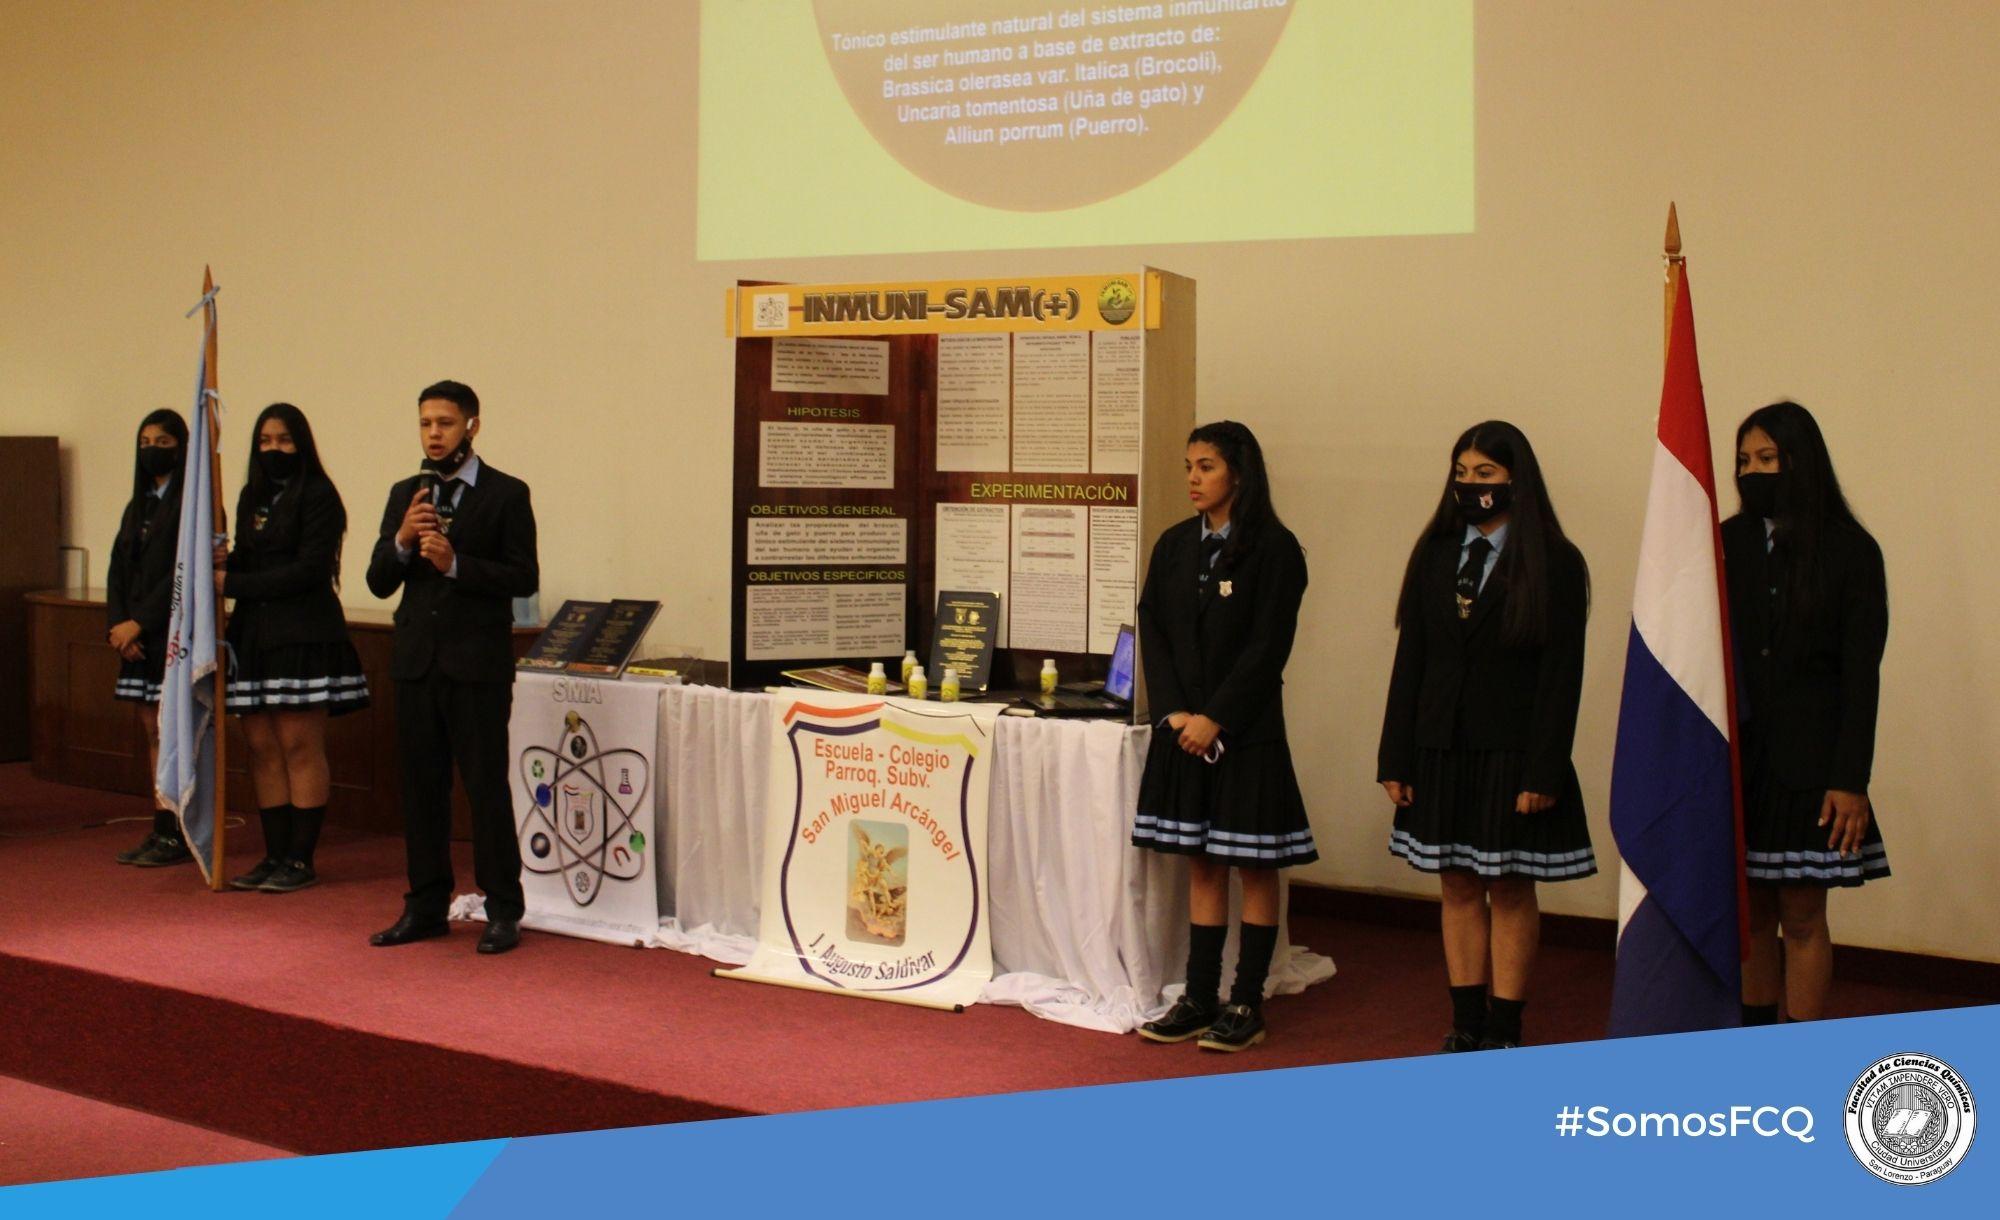 Presentación y defensa de proyecto de investigación científica. Colegio Parroquial Subv. San Miguel Arcángel